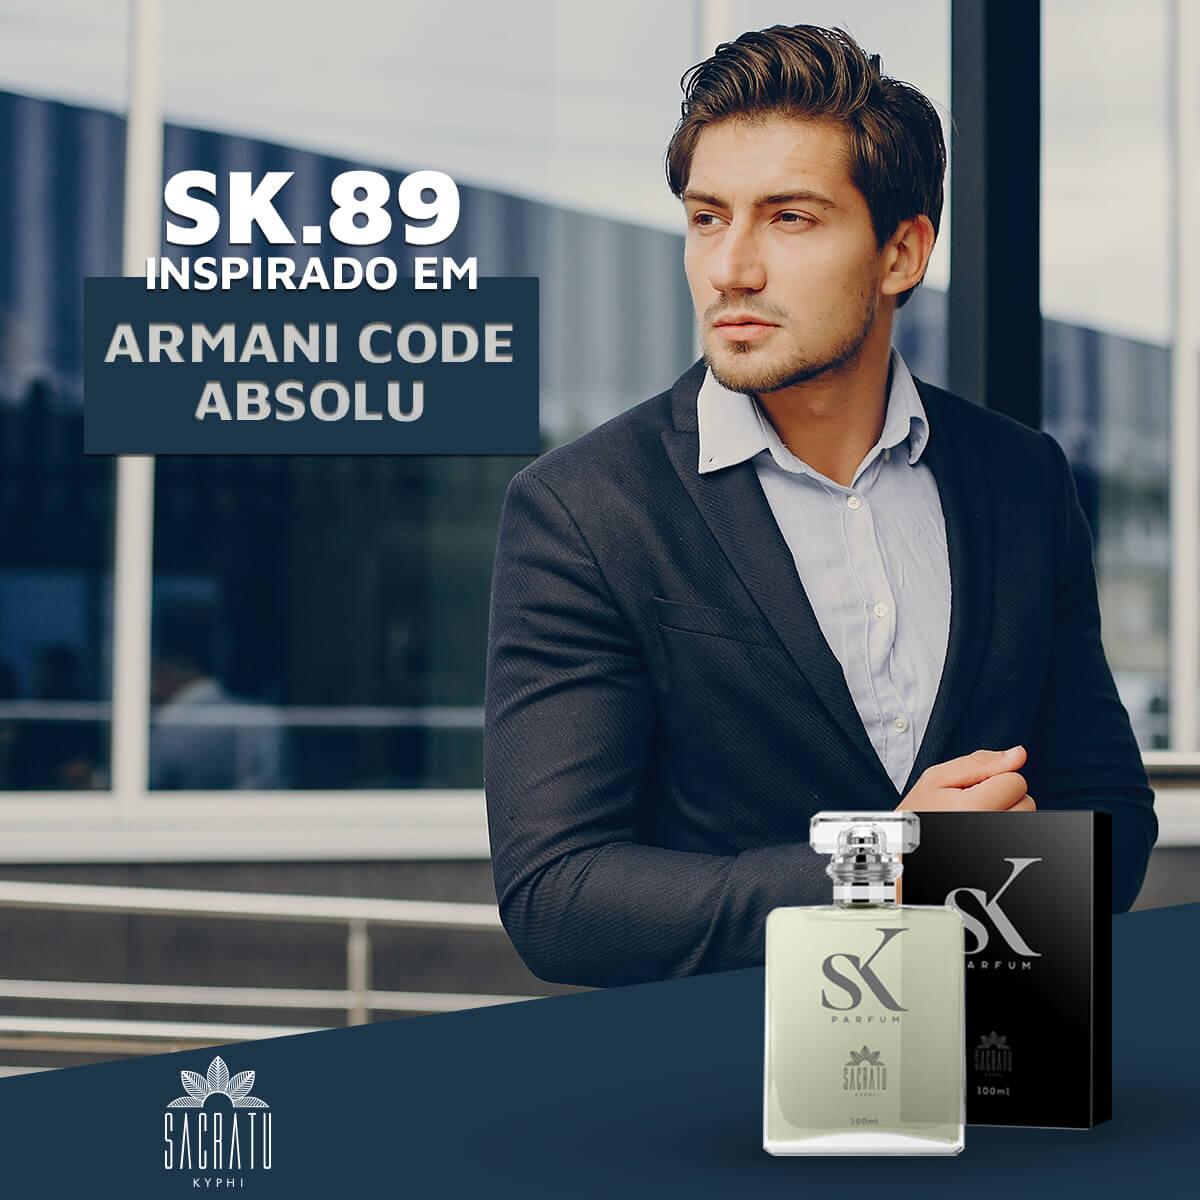 SK 89 - Inspirado em Armani Code Absolu